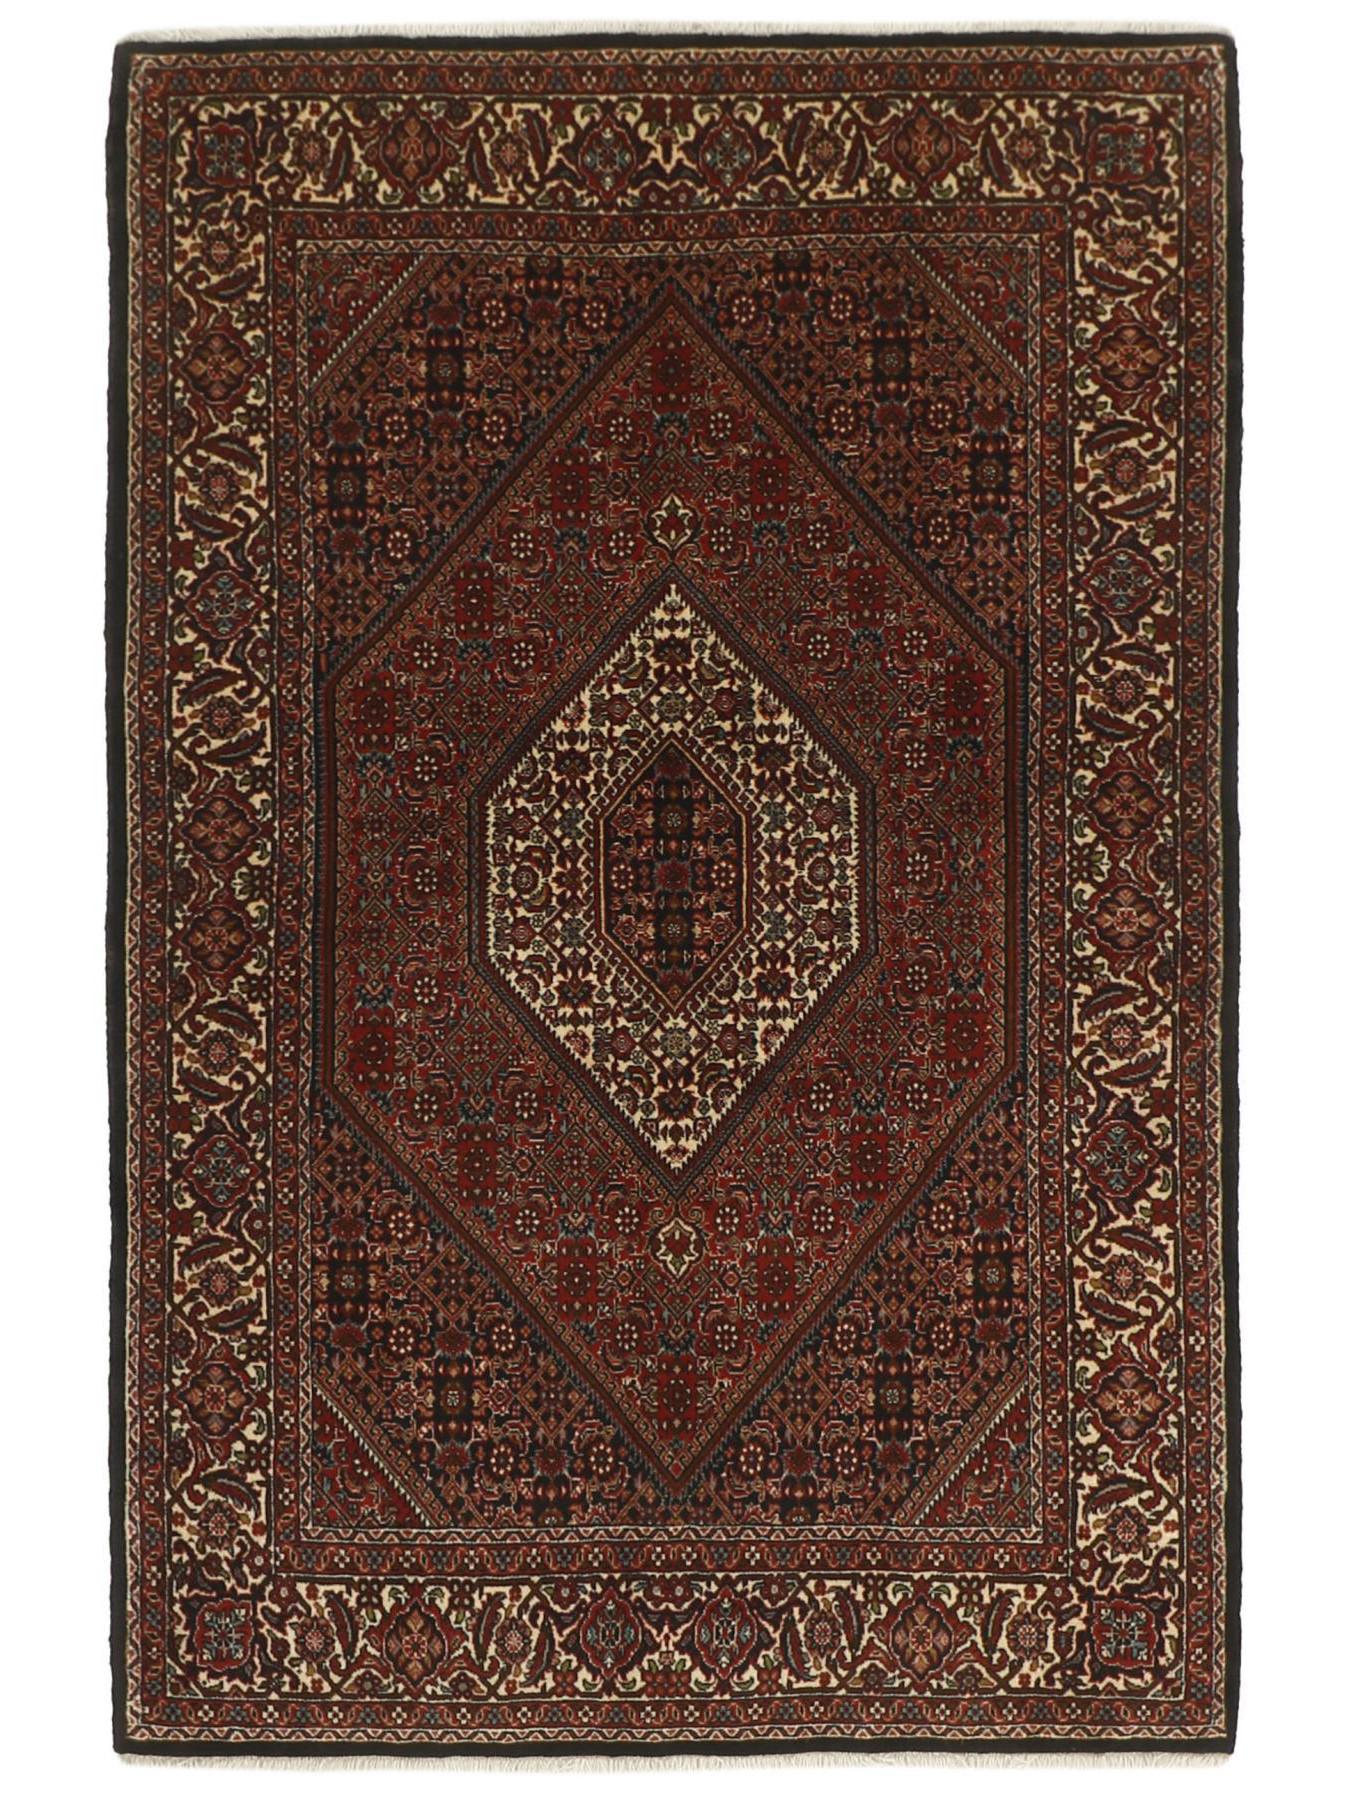 Perzische tapijten - Bidjar Zandjan